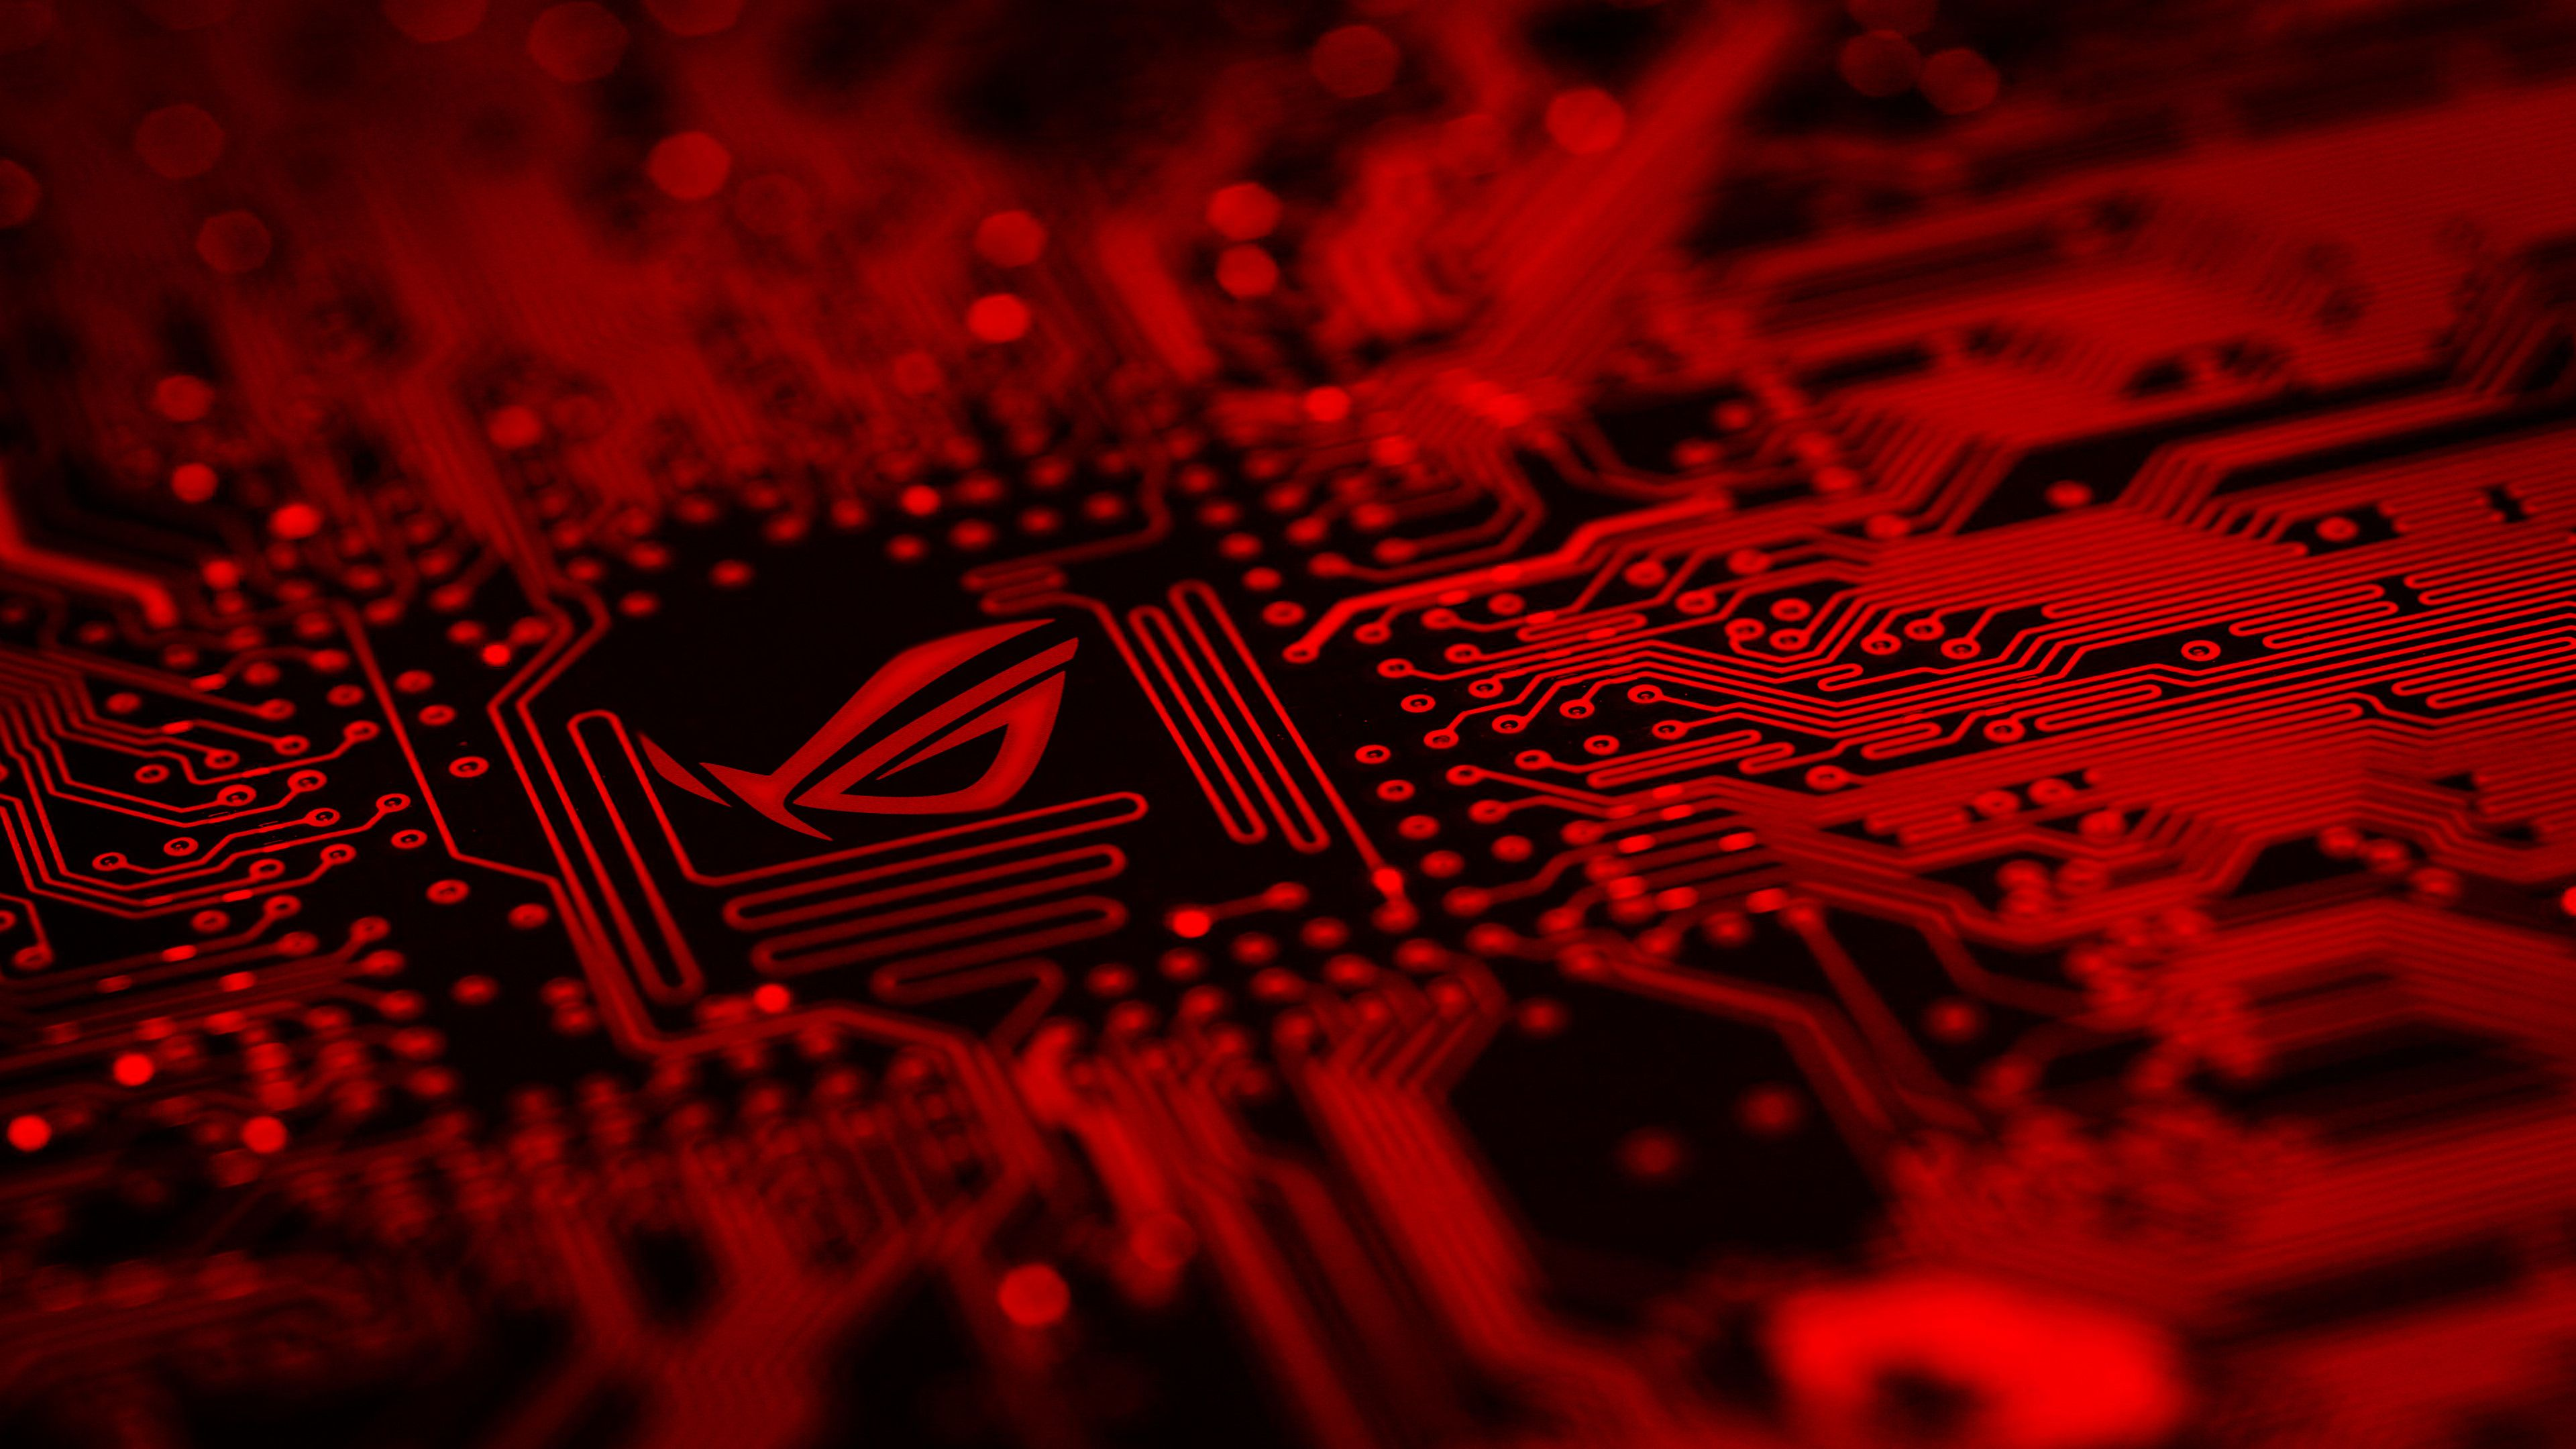 4K Red GeForce Wallpapers - Top Free 4K Red GeForce ...